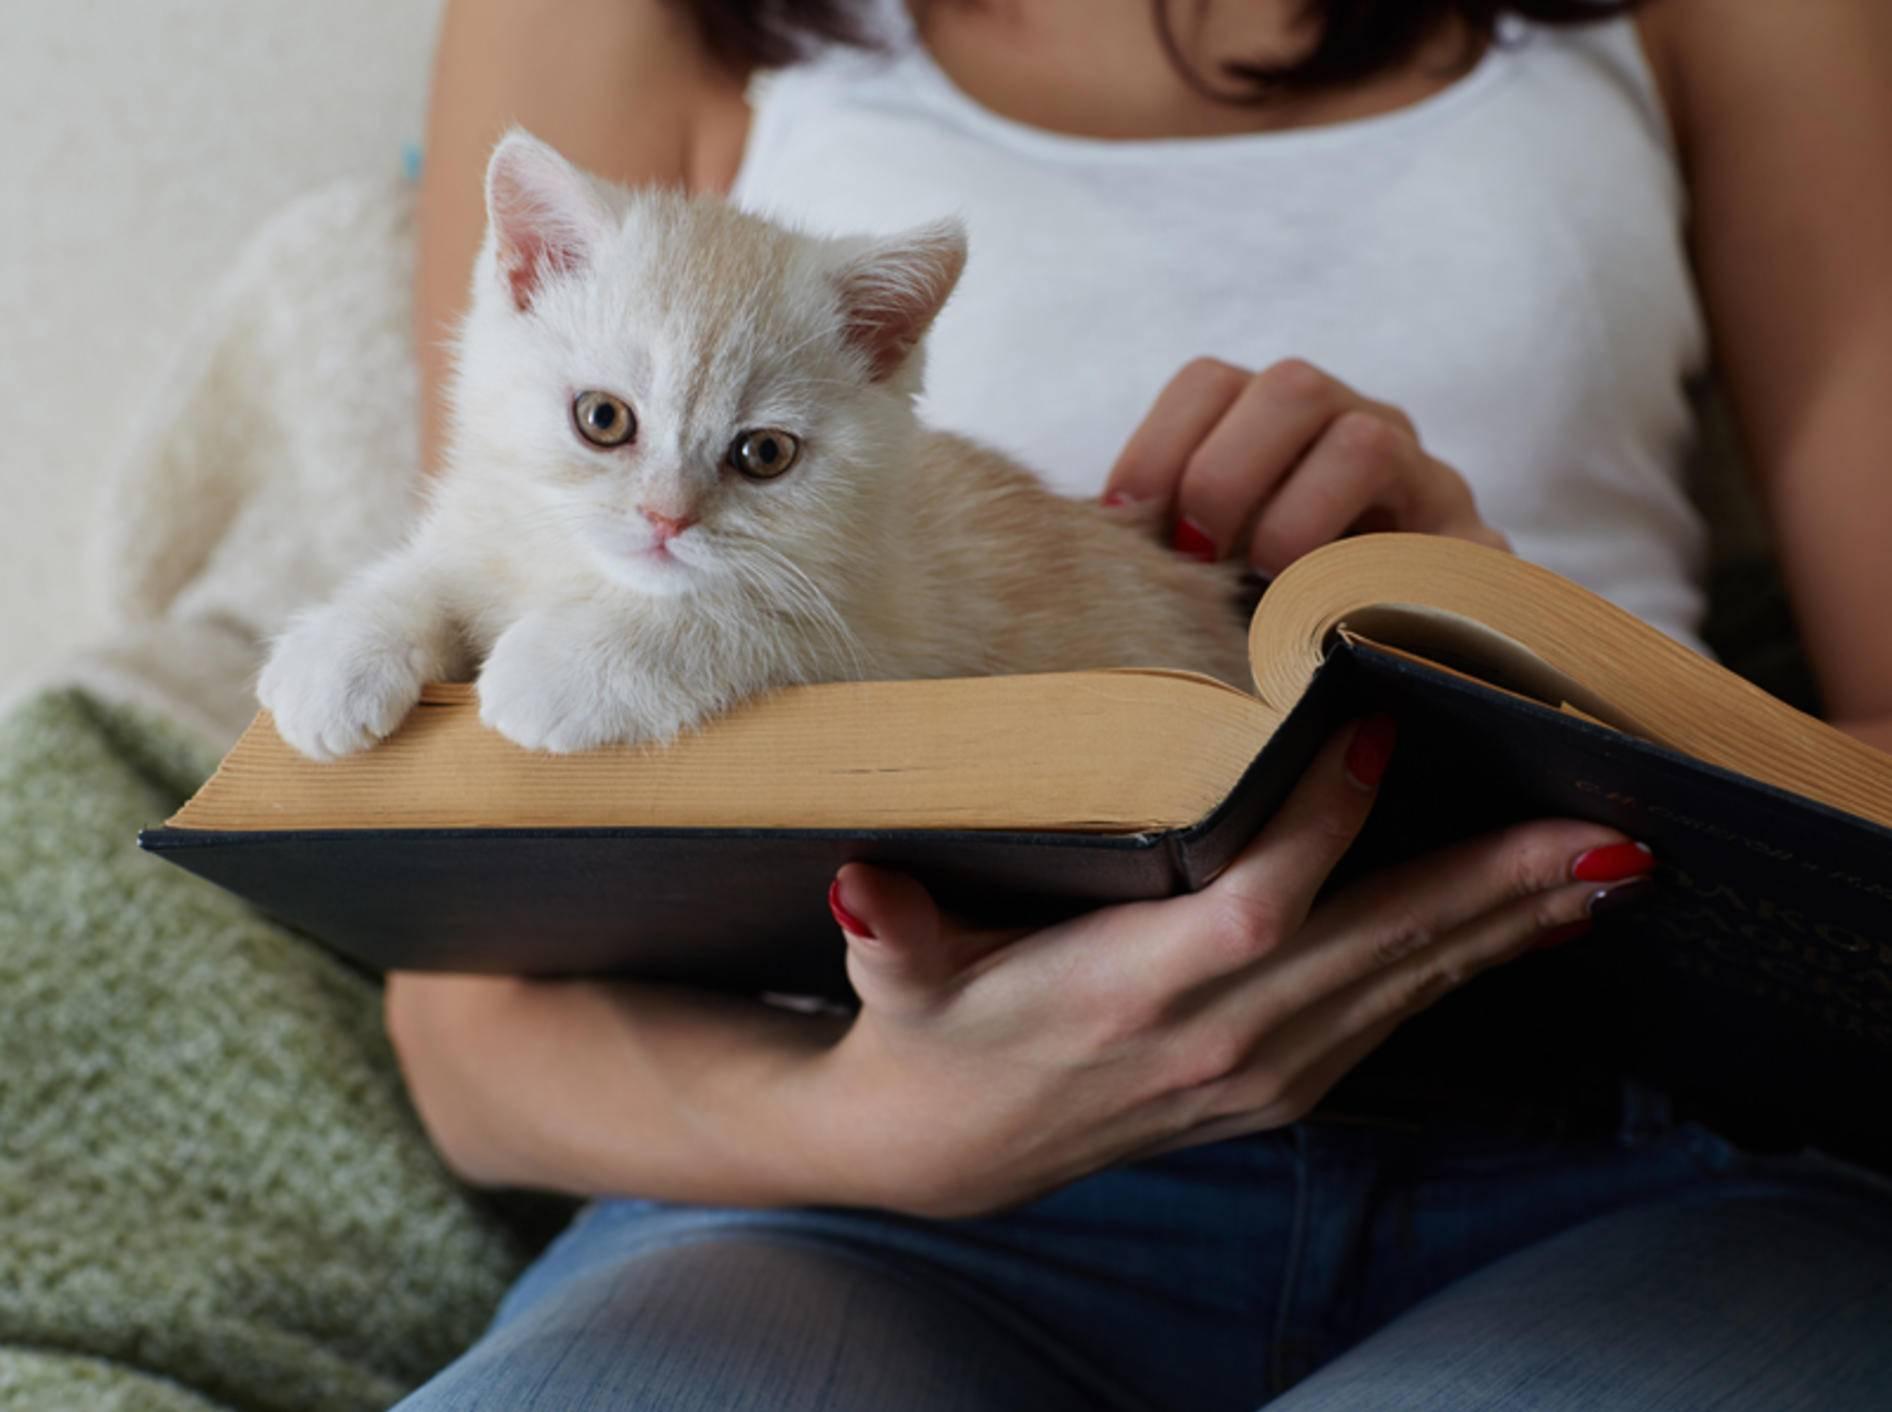 """""""Was liest du da? Kann ich mitlesen? Ach, ich bleib einfach hier liegen, das ist so schön gemütlich"""": Kleine Katze liebt Papier – Shutterstock / Demidov Sergey"""